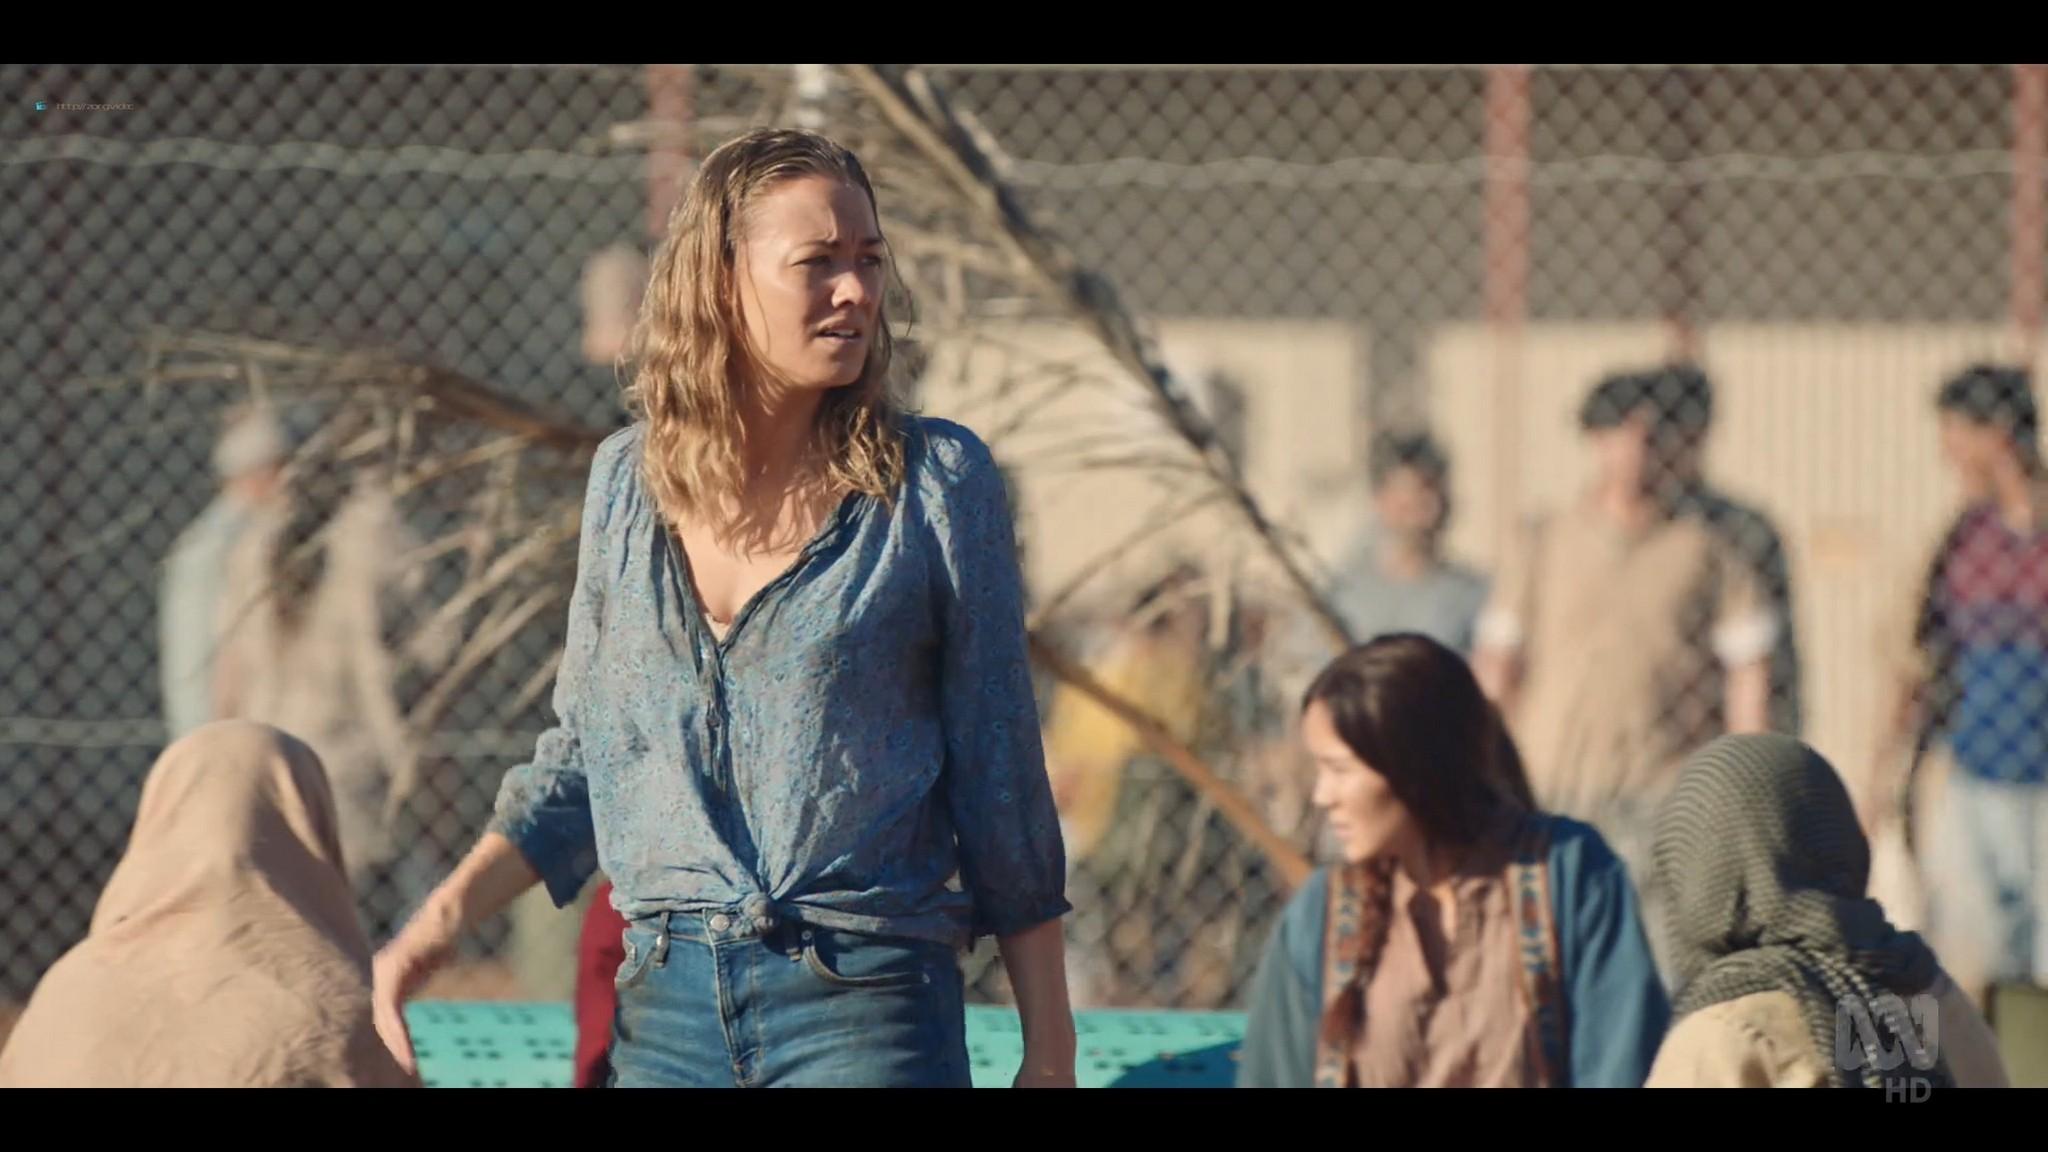 Yvonne Strahovski hot and sexy - Stateless (2020) s1e2 HD 1080p WEB (13)